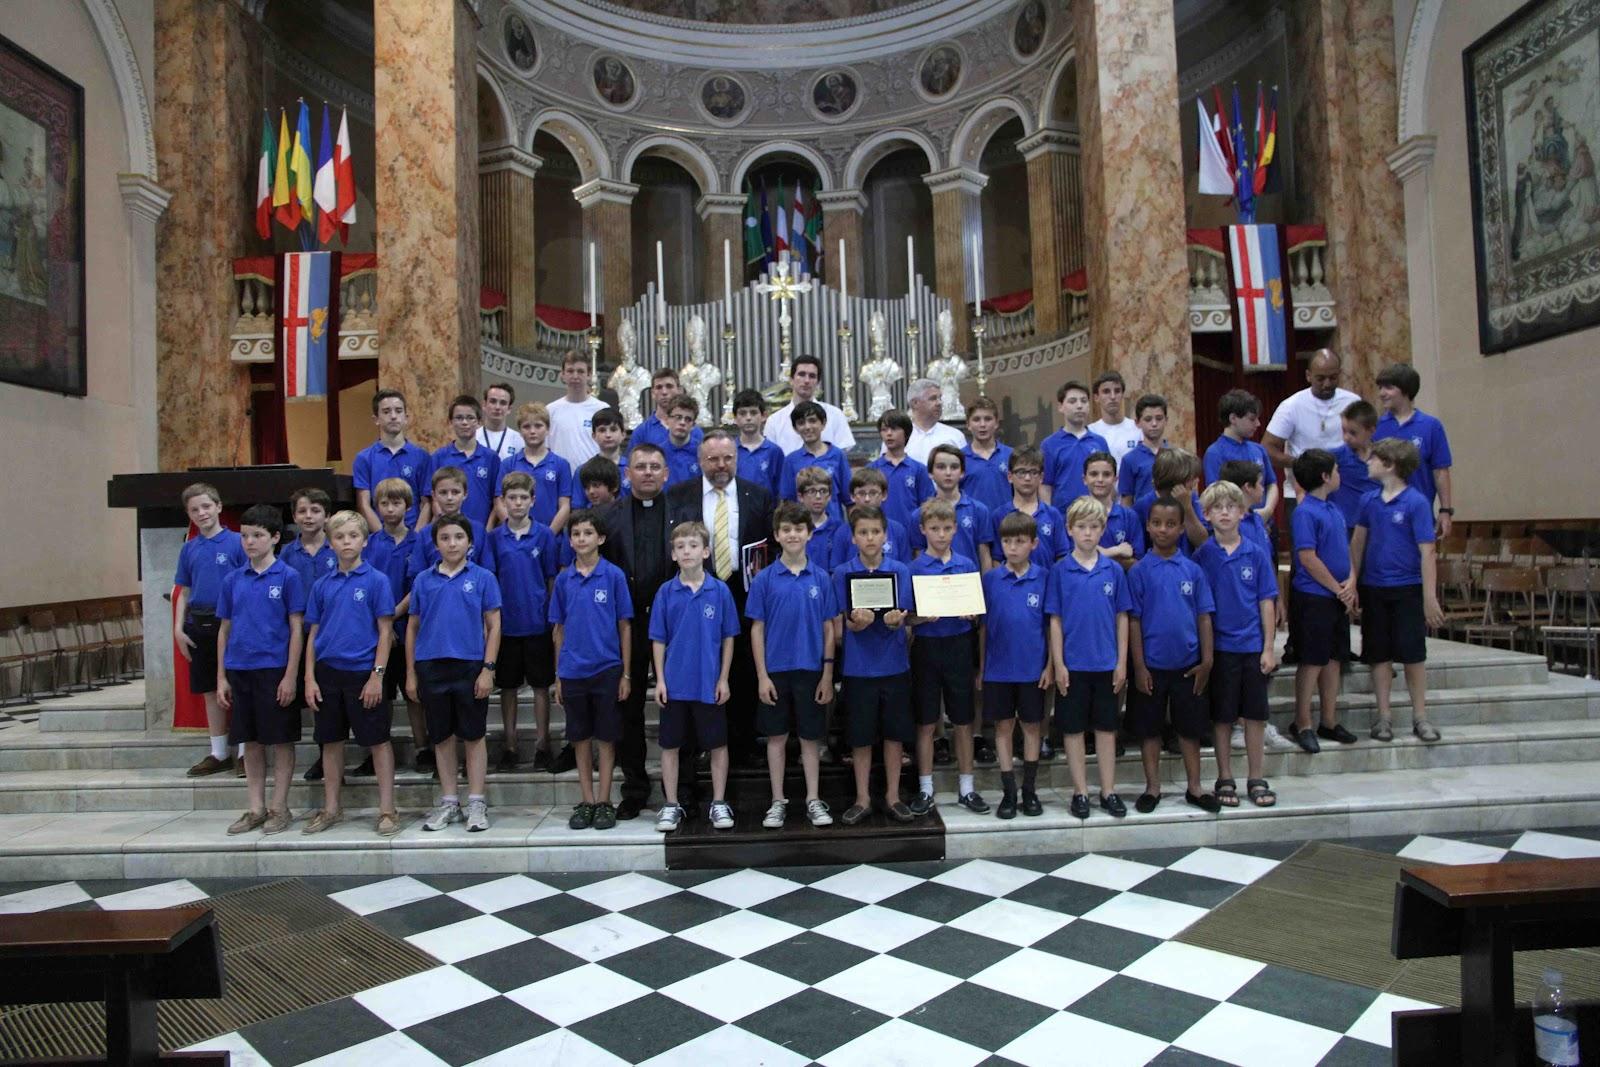 Les petits chanteurs de bordeaux juillet 2012 - Les petits hauts bordeaux ...